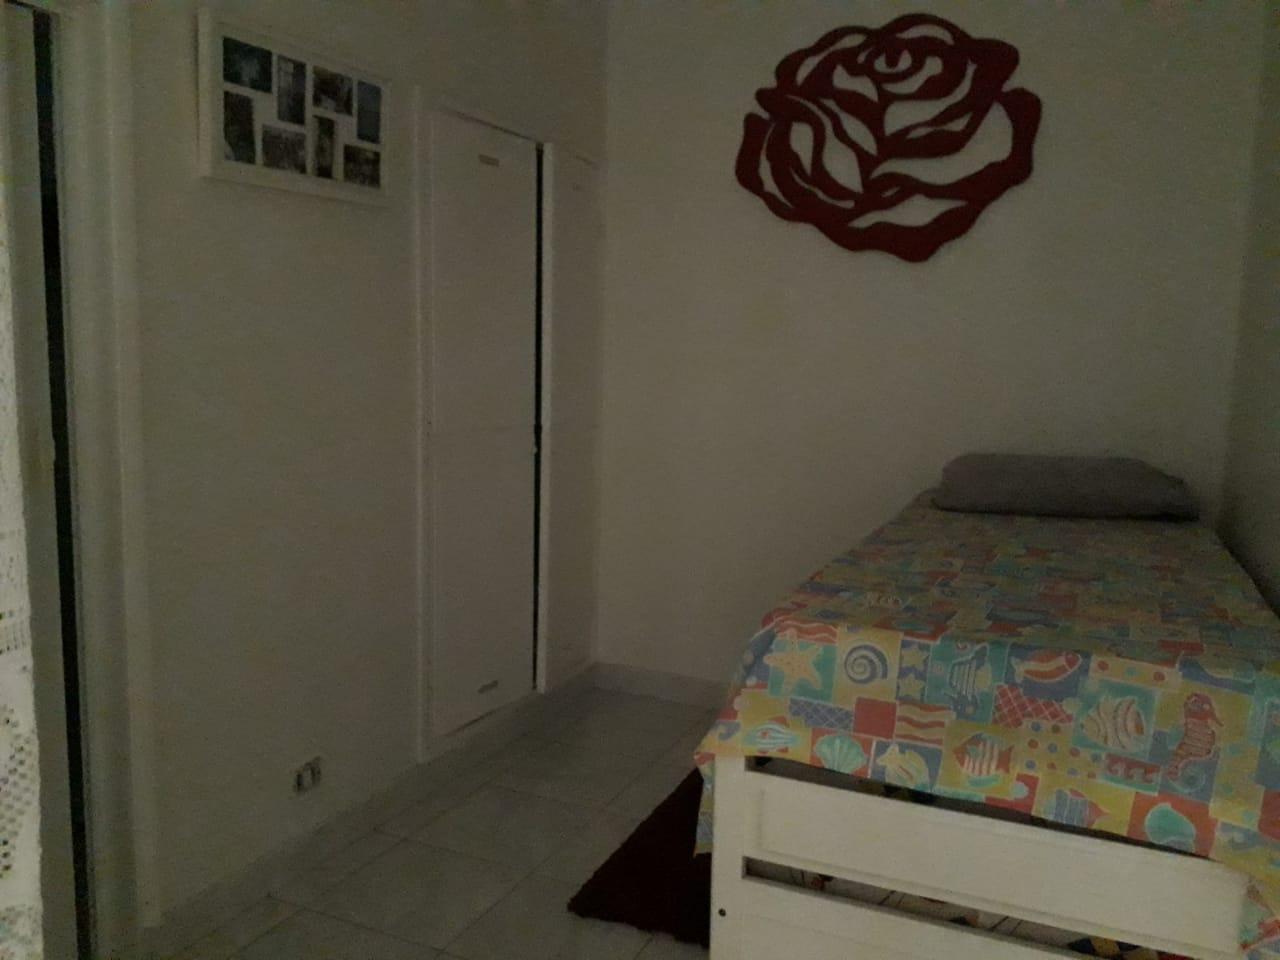 Boqueirão vendo apartamento 2 quartos sendo 1 suite dependência de empregada. - foto 9